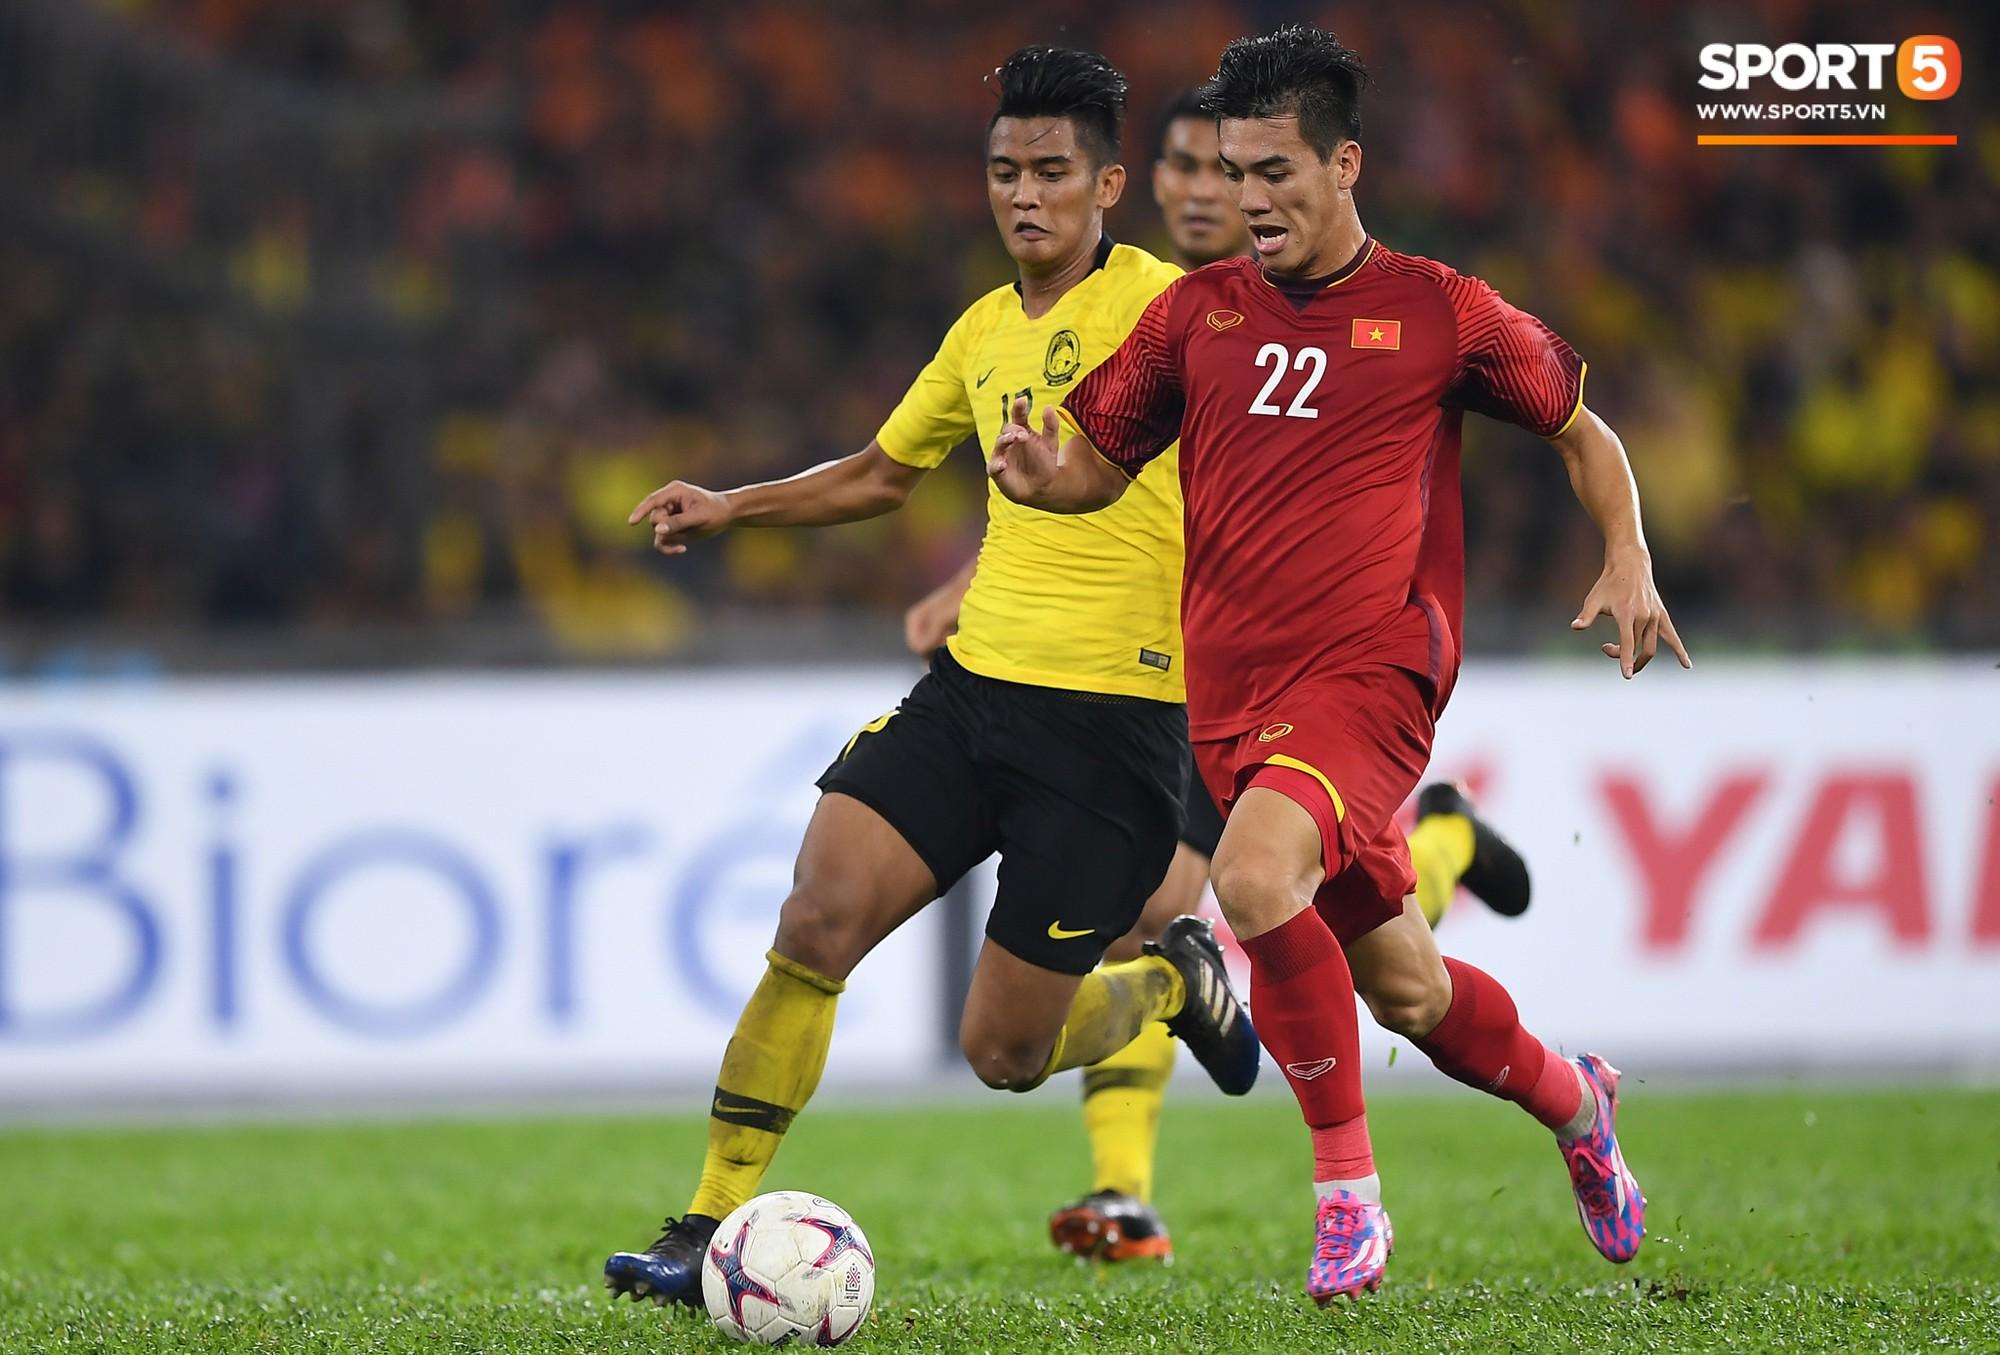 Báo châu Á chỉ ra lý do vì sao đội tuyển Việt Nam không thể giành chiến thắng tại trận chung kết AFF Cup 2018 4